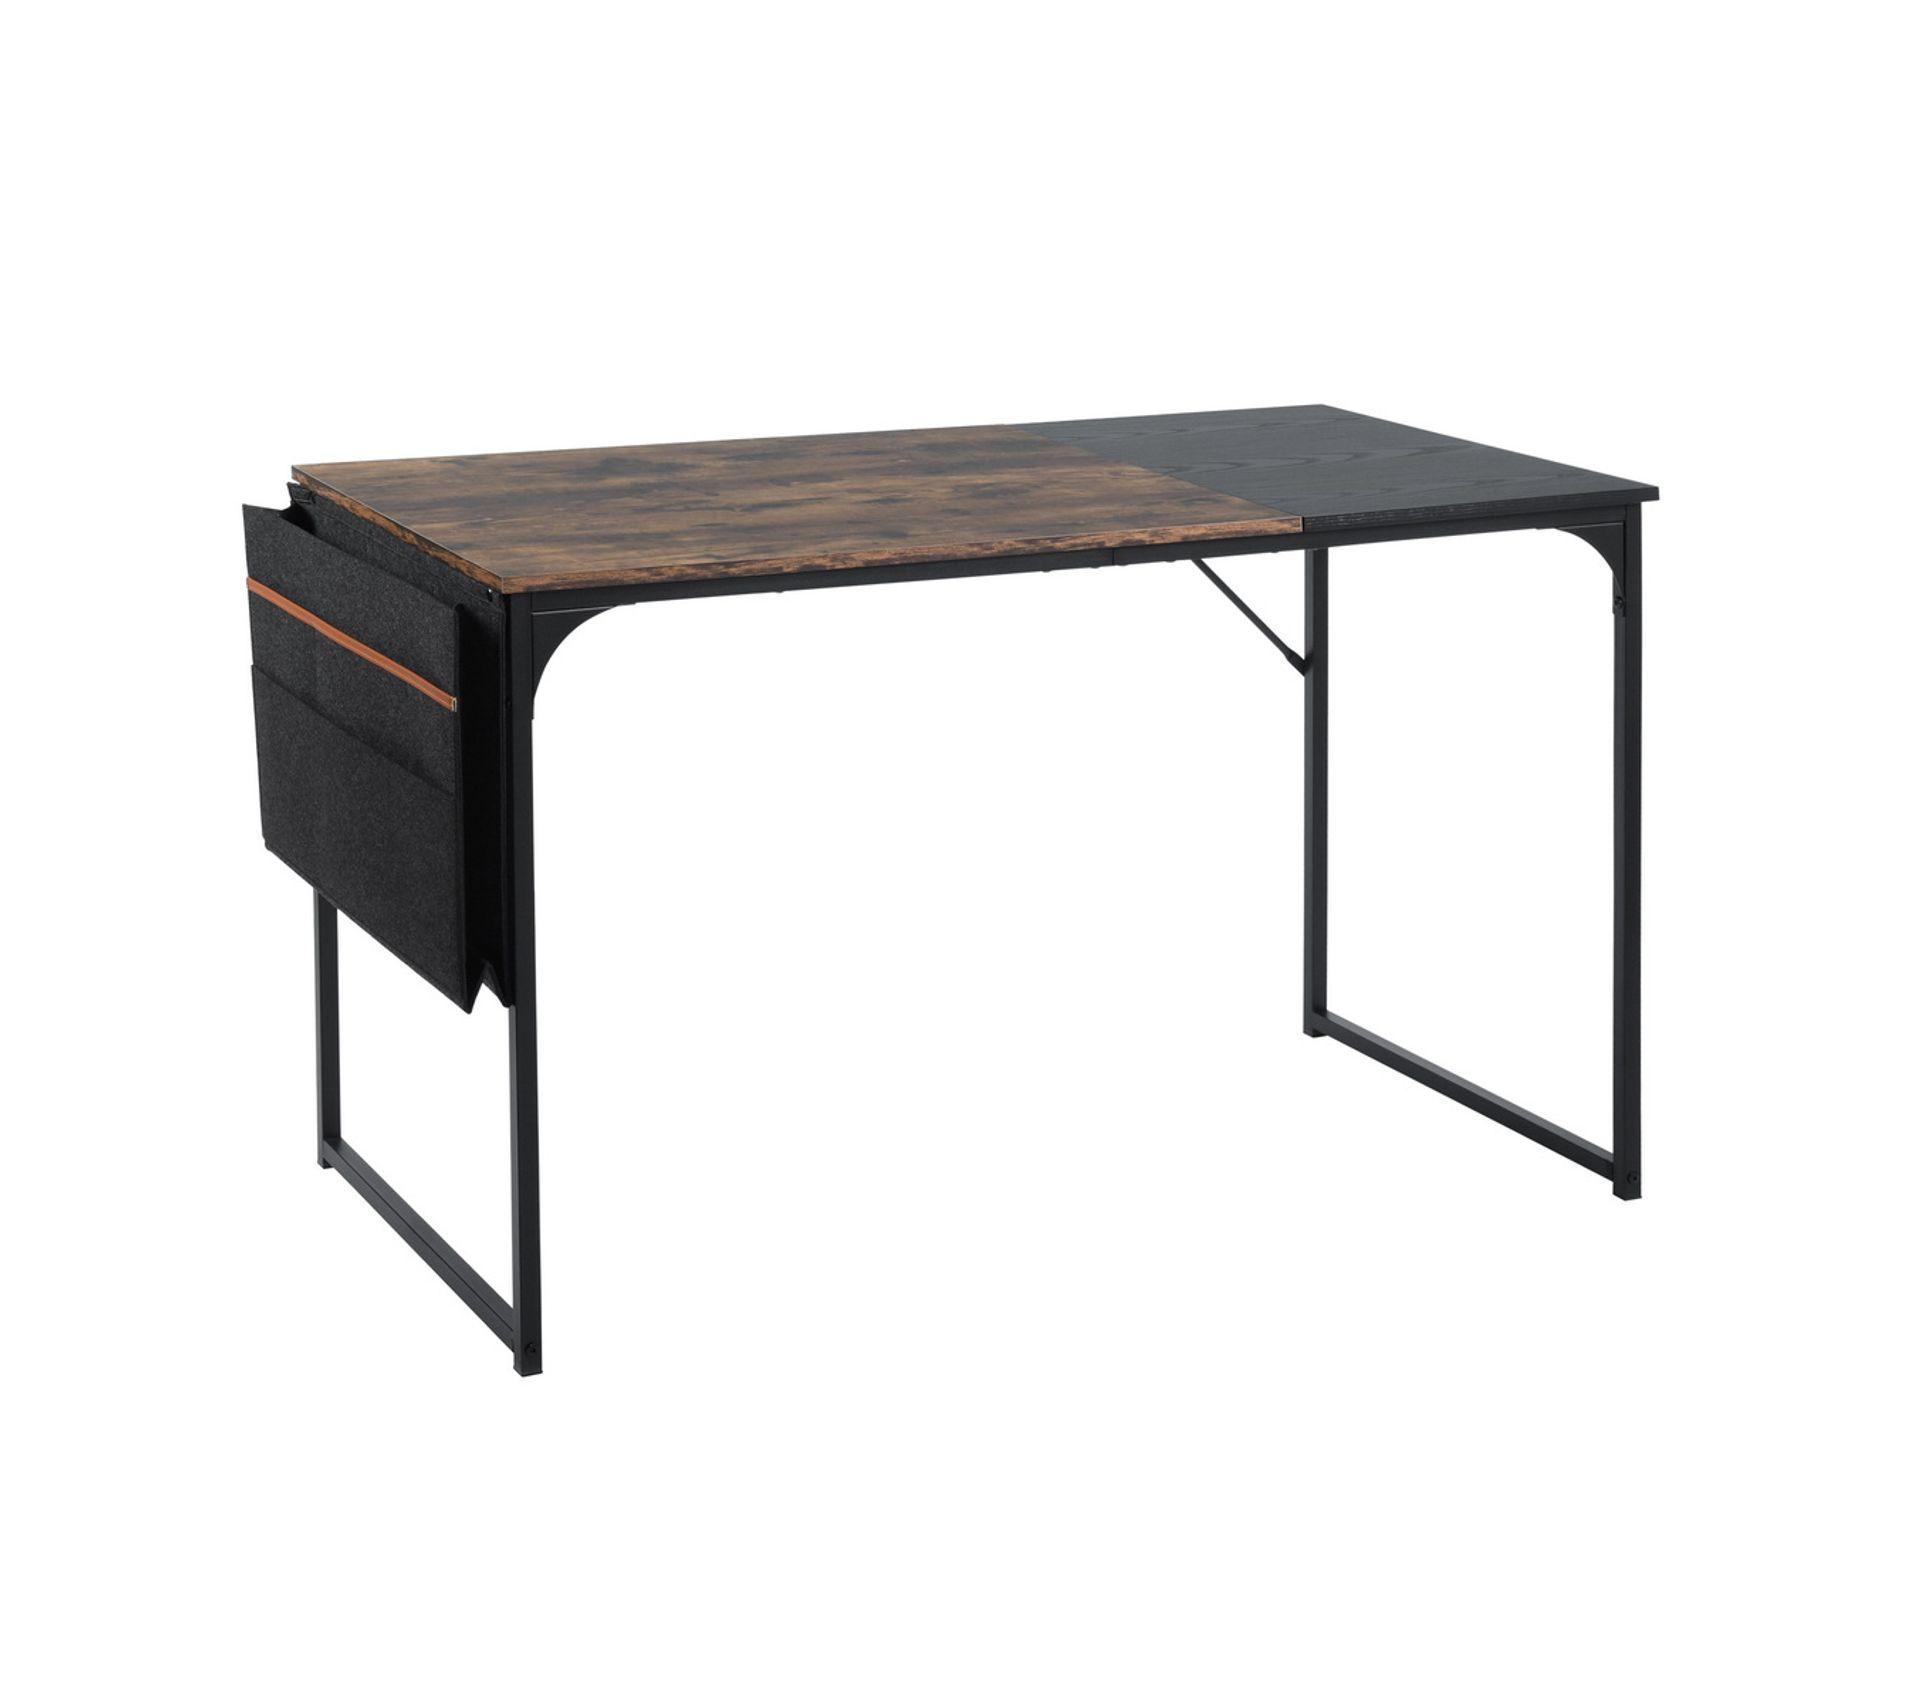 cadre de lit metallique mat noir 190x135 sans matelas